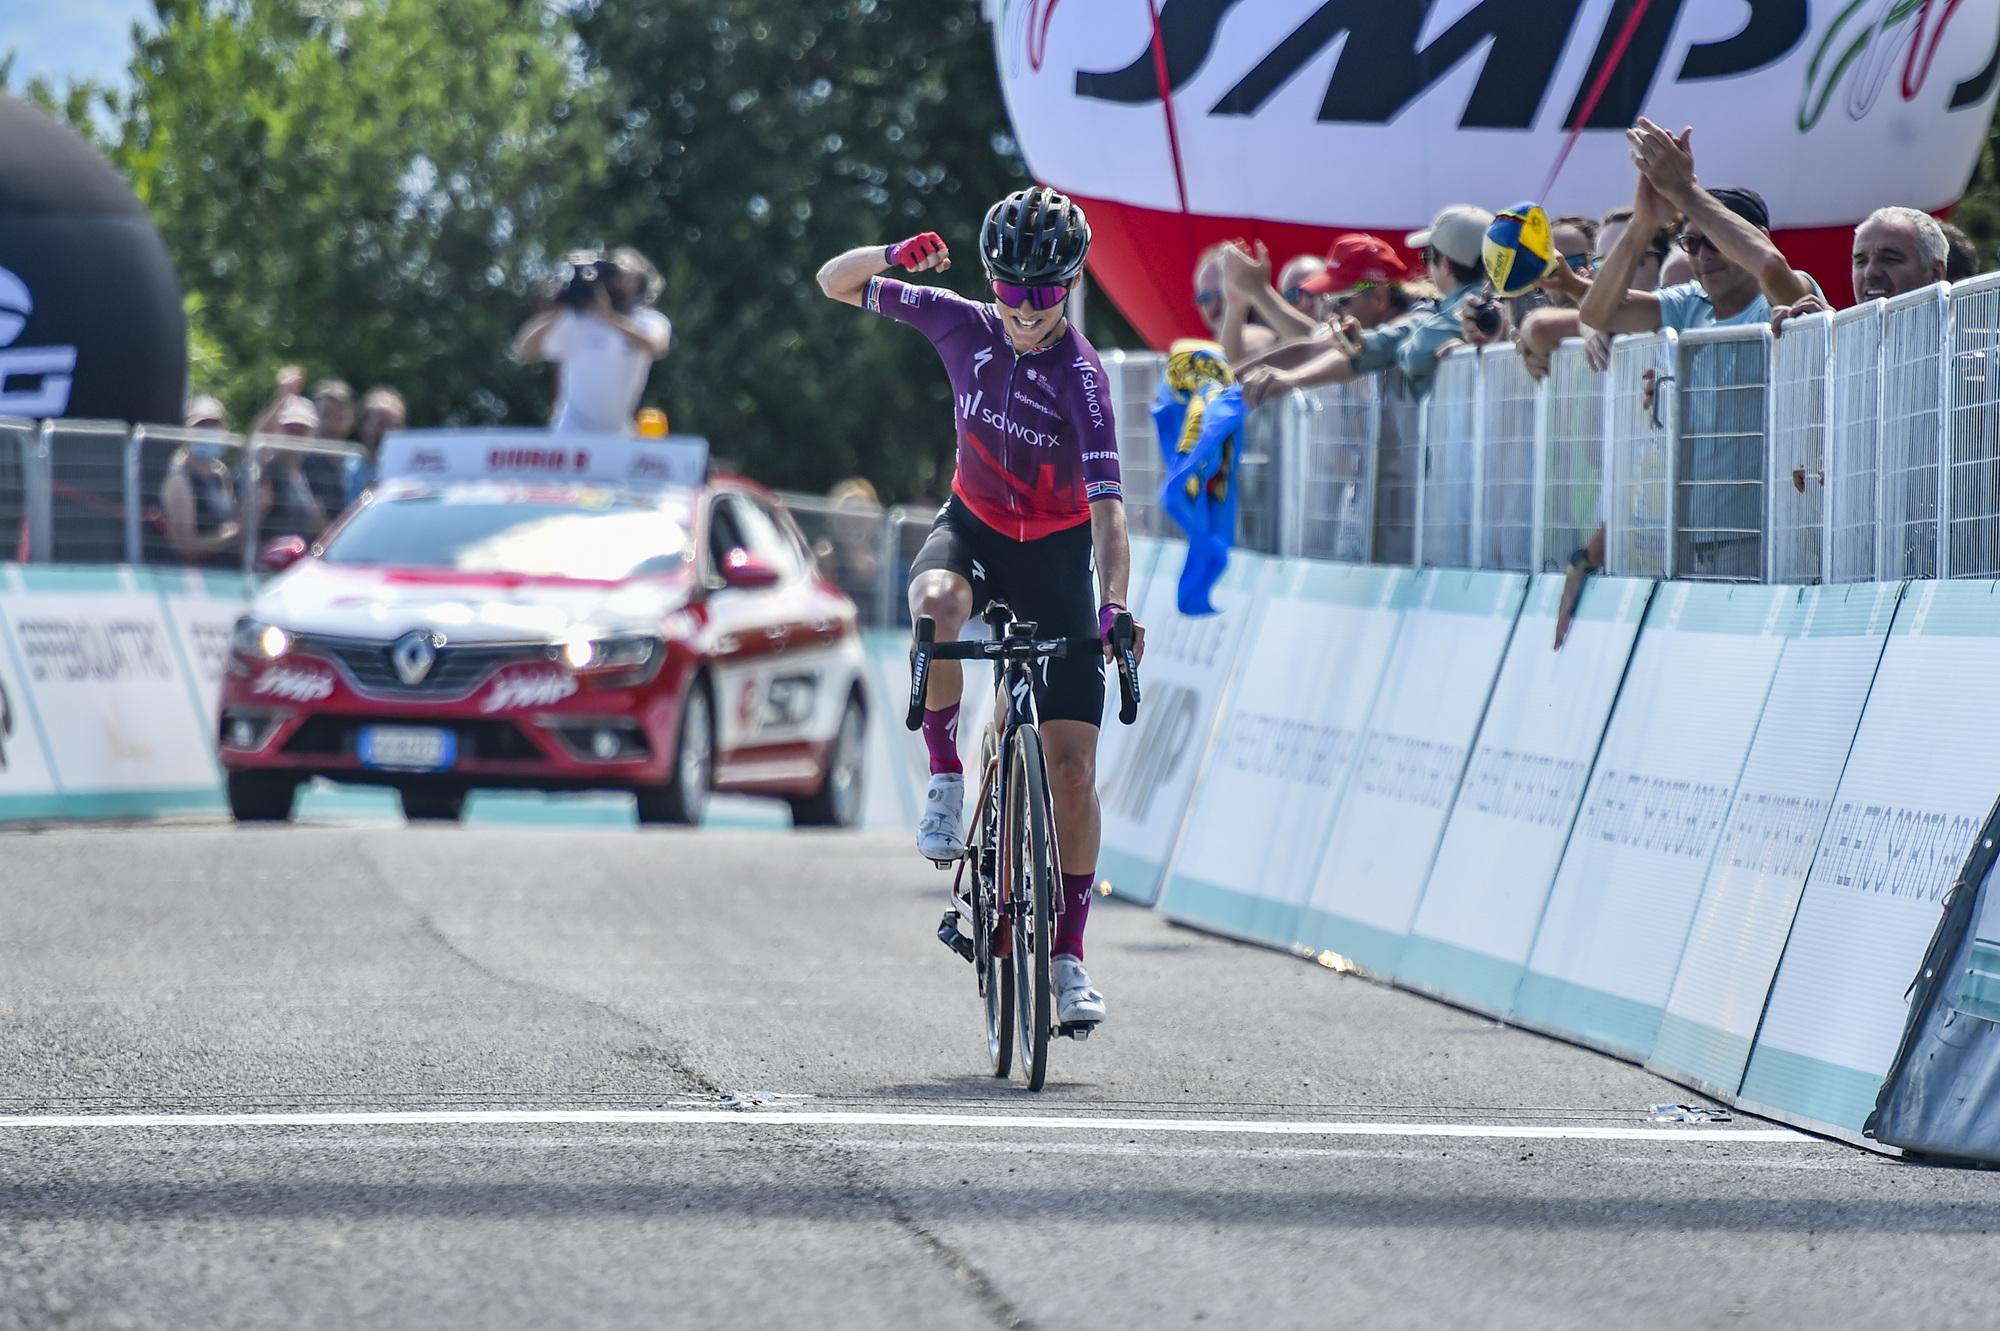 https://www.giroditaliadonne.it/2021/07/11/the-queen-stage-victory-on-the-matajur-goes-to-ashleigh-moolman-pasio-anna-van-der-breggen-still-in-pink/